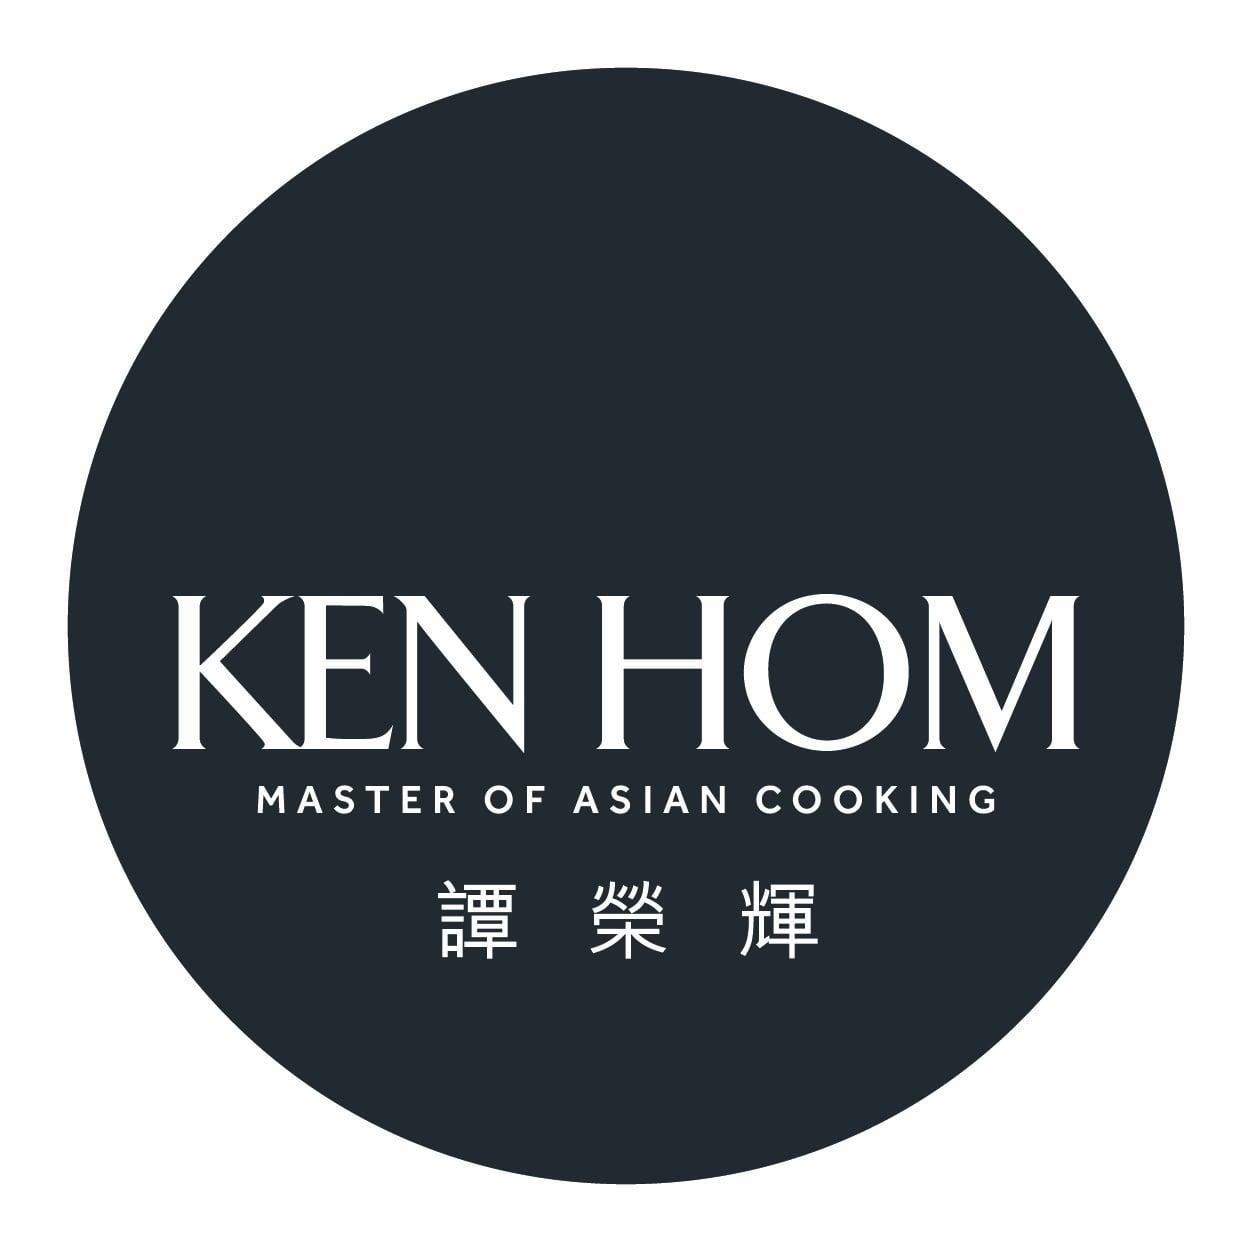 Ken Hom